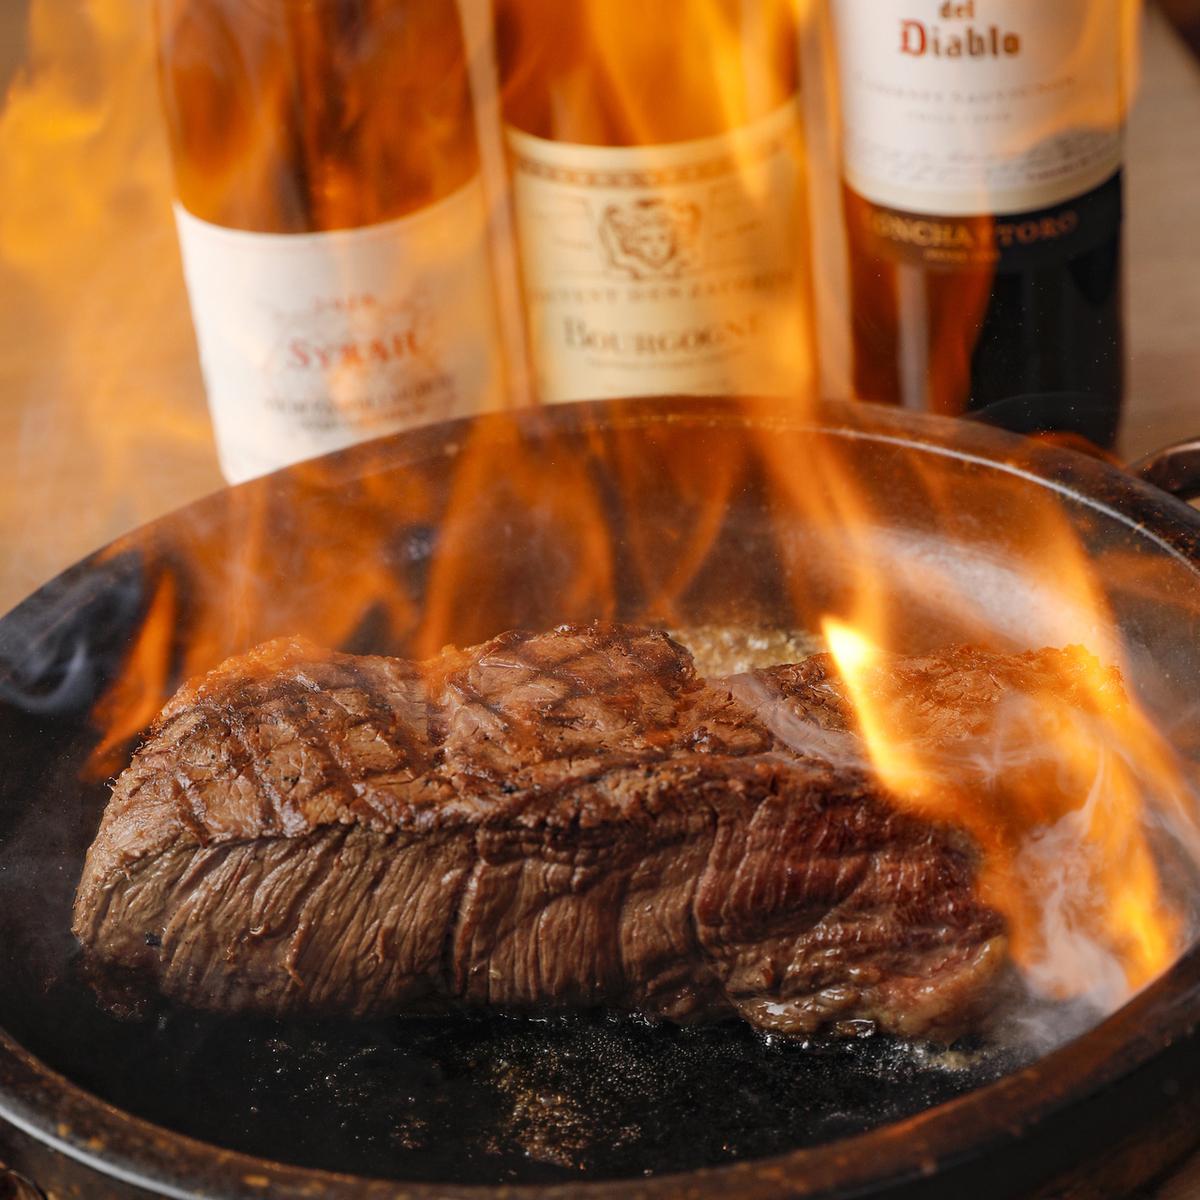 Paraiso steak (1 pound)